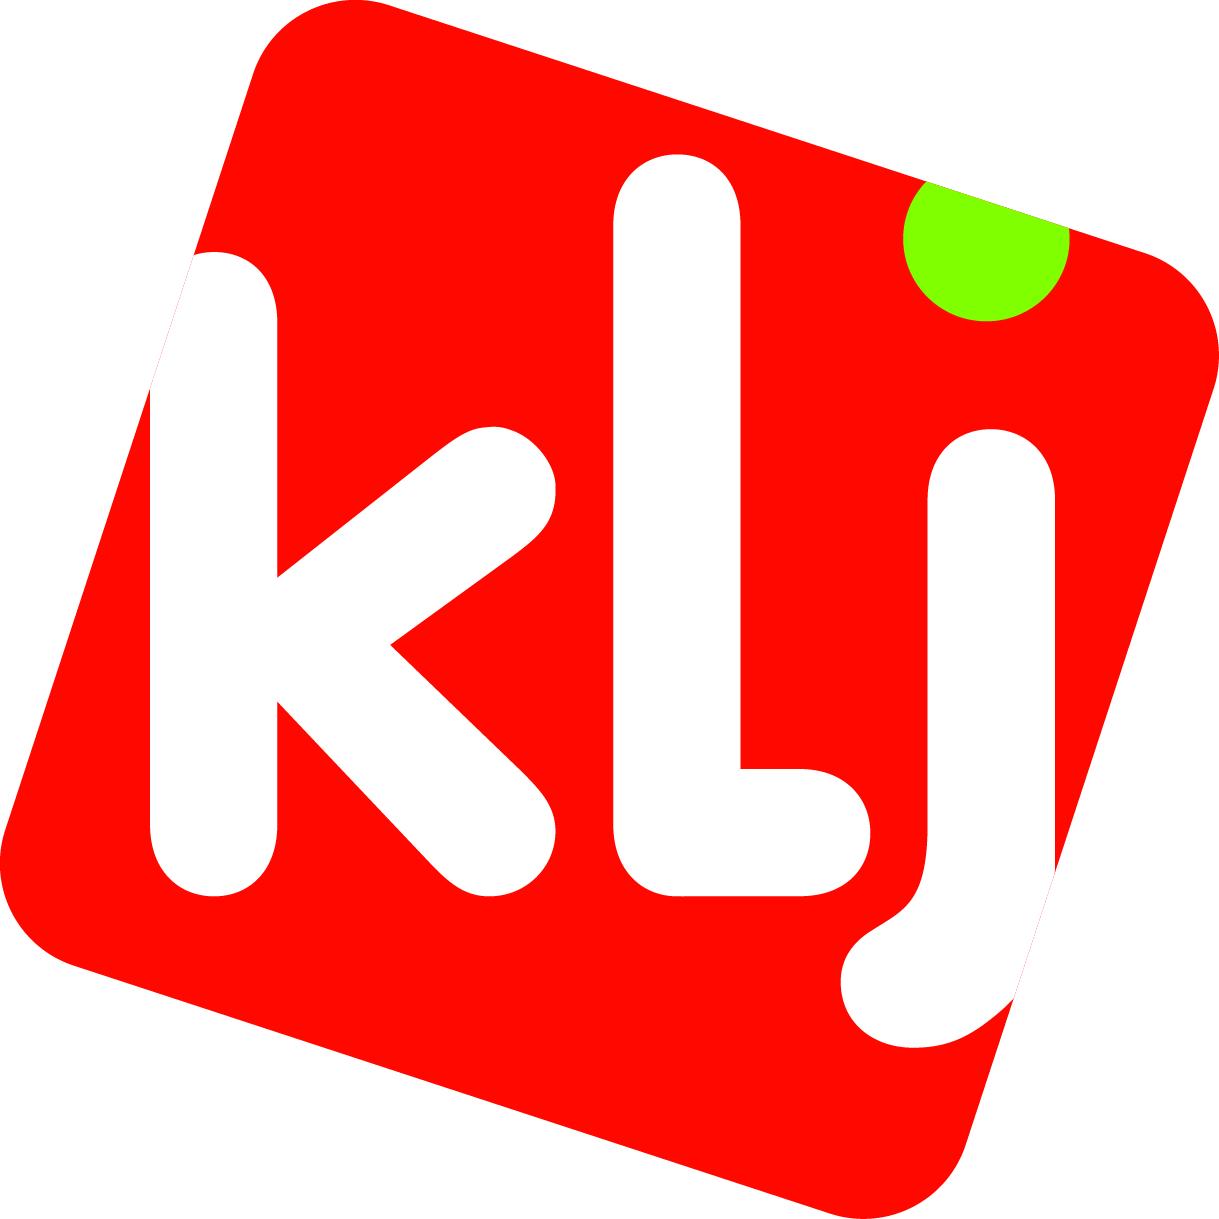 KLJ JPEG.jpg